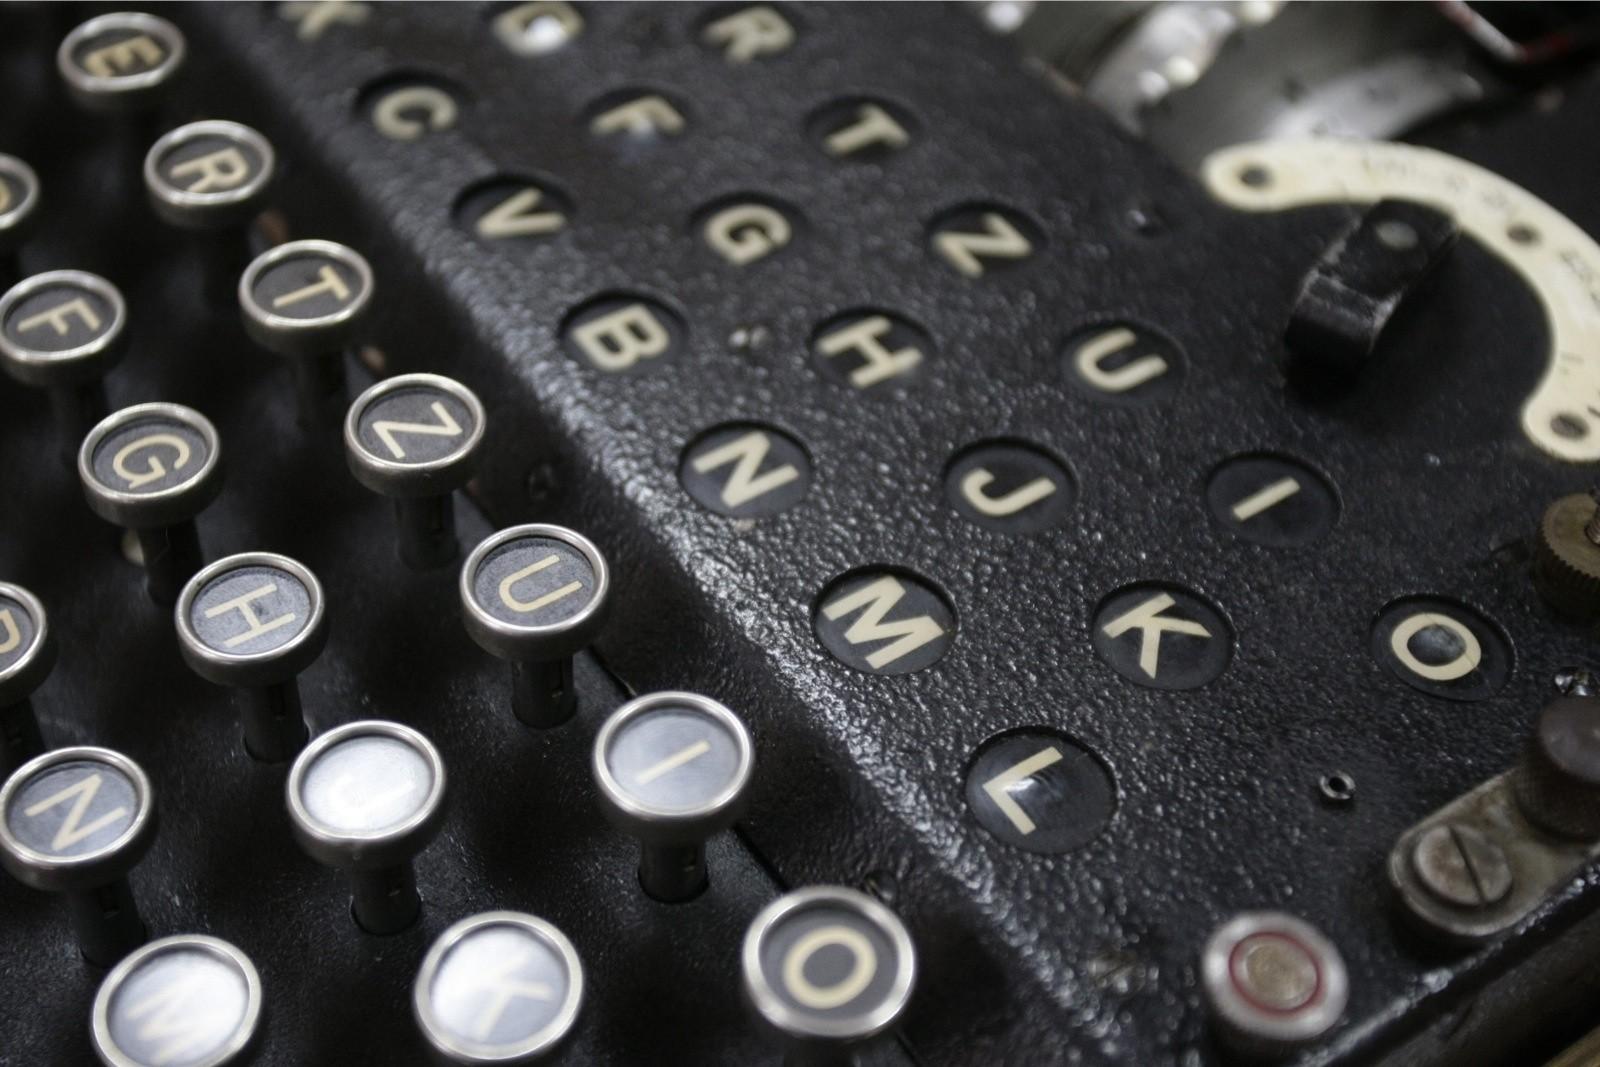 Enigma était considéré comme le code Enigma incassable.